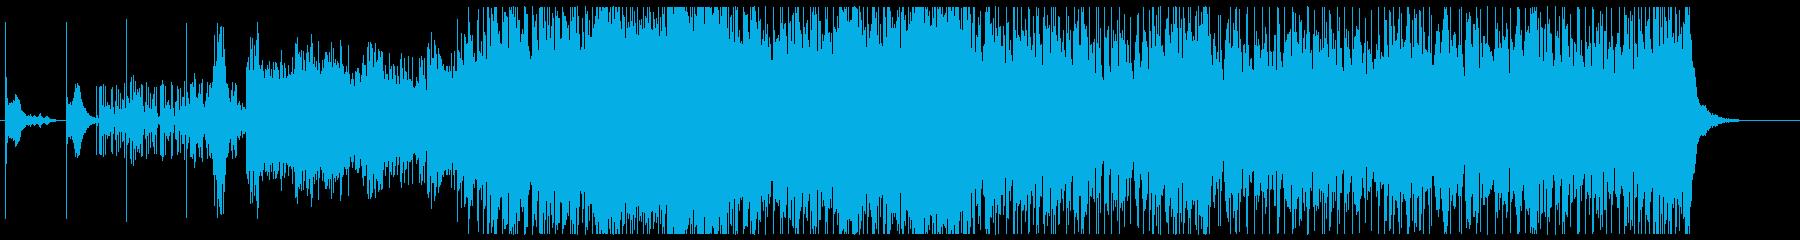 ダーク&クールなオーケストラロックの再生済みの波形